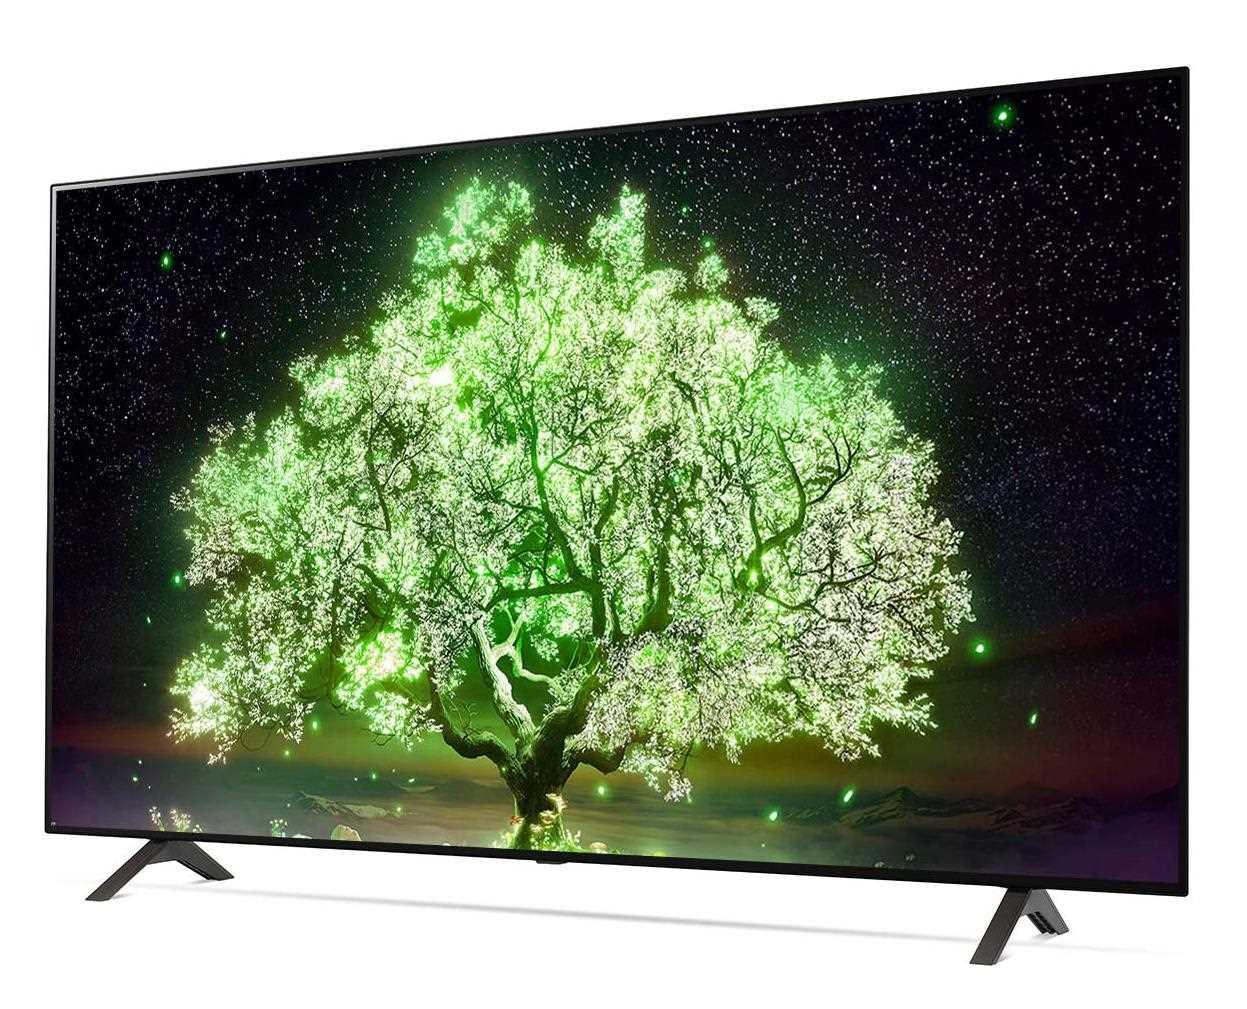 טלוויזיה 65 אינץ' דגם OLED 65A16LA/PVA  בטכנולוגיית LG OLED 4K Ultra HD אל ג'י - תמונה 3